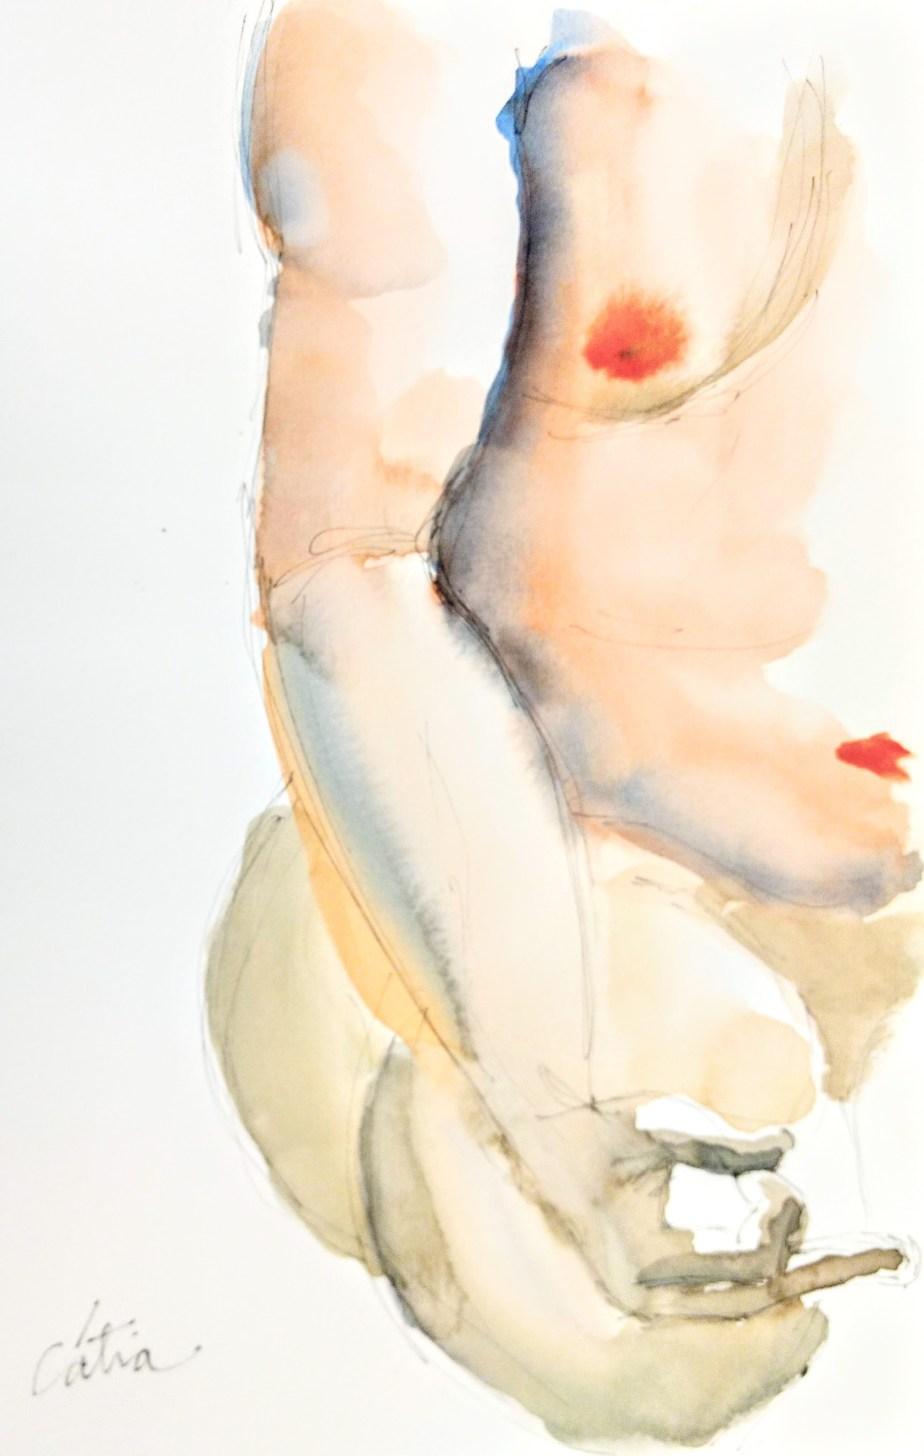 Desenho de modelo masculino nu, em aquarela e nanquin, realizado durante Prática de modelo vivo com Rafa Coutinho e Laerte no espaço Breu em 2018.